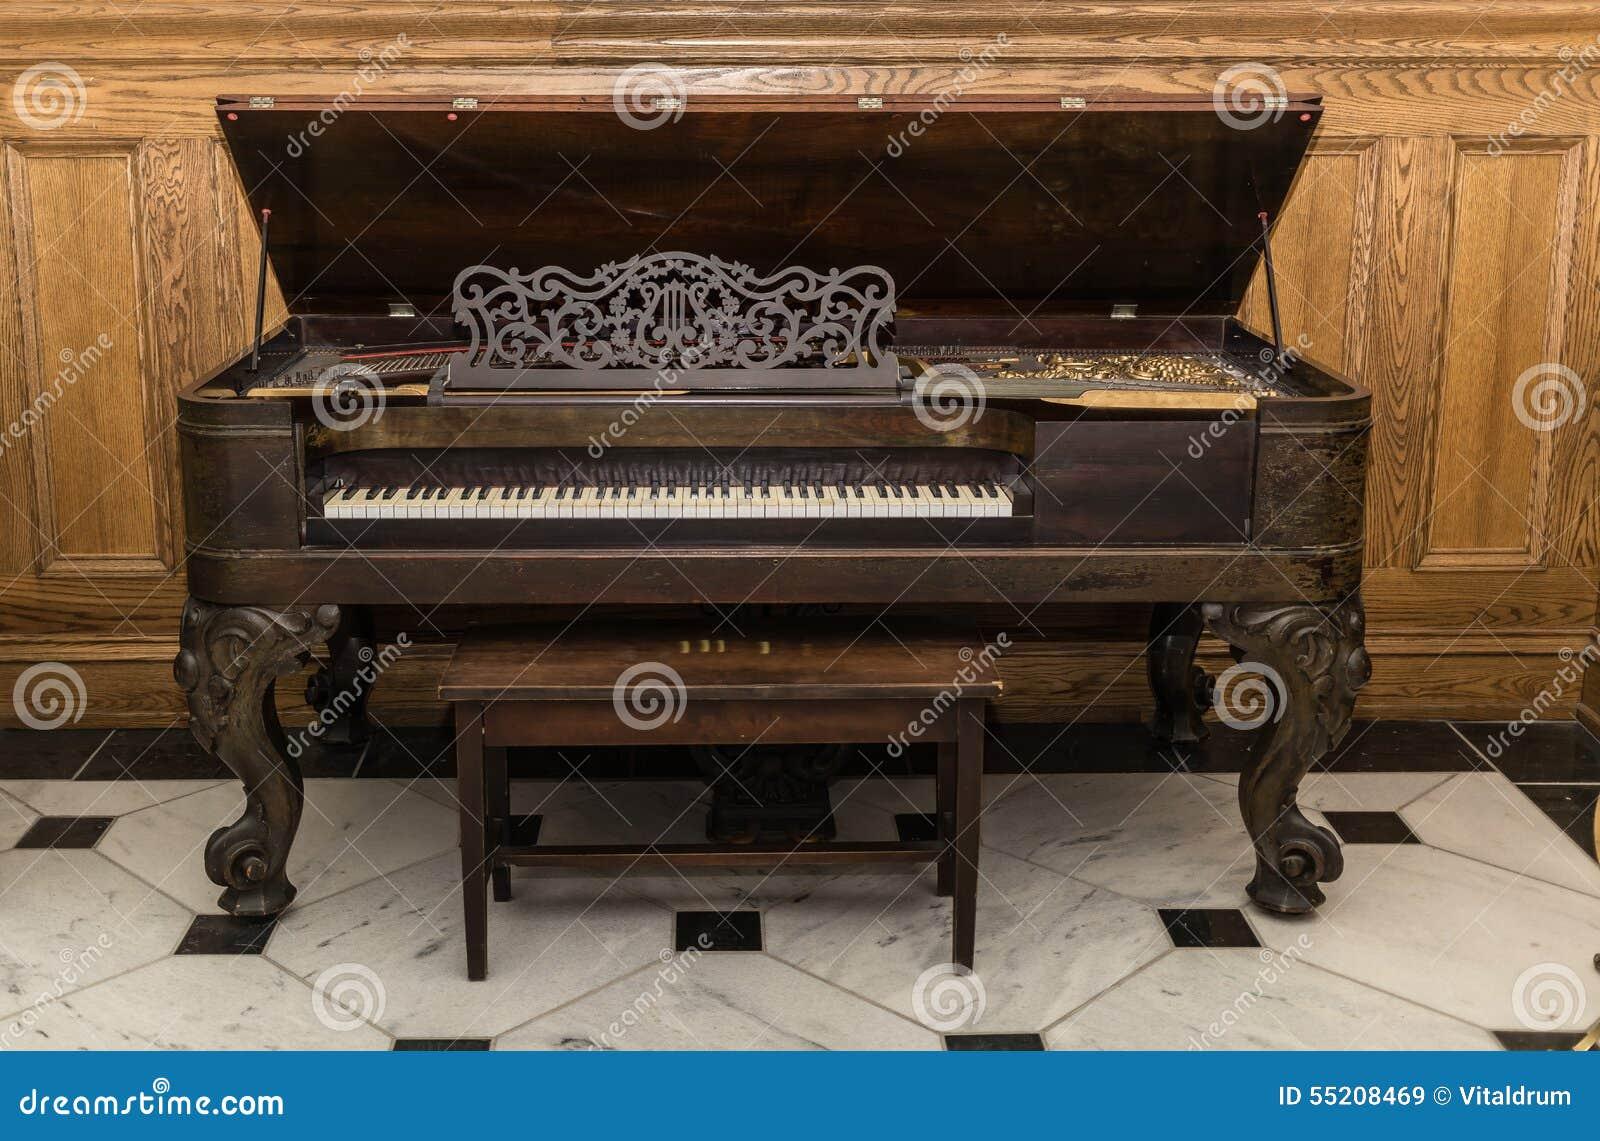 Mooie Houten Piano.Oude Mooie Schitterende Uitstekende Grote Piano Die Zich